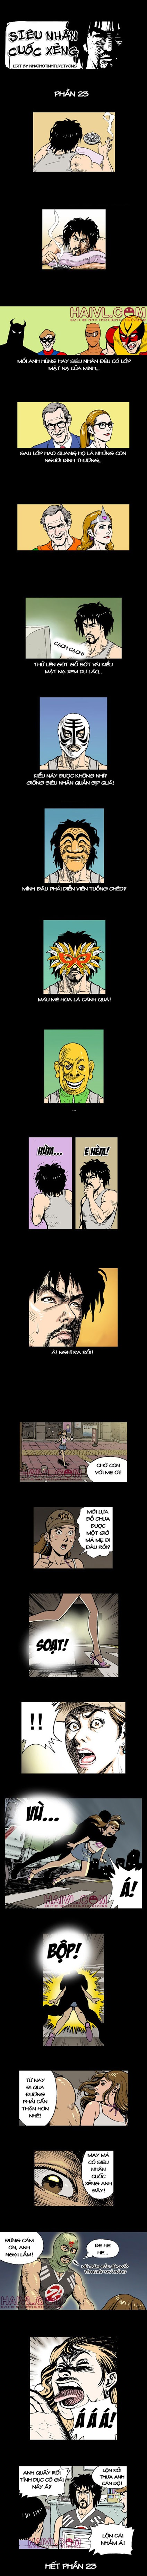 Siêu nhân Cuốc Xẻng (full bộ) phần 23